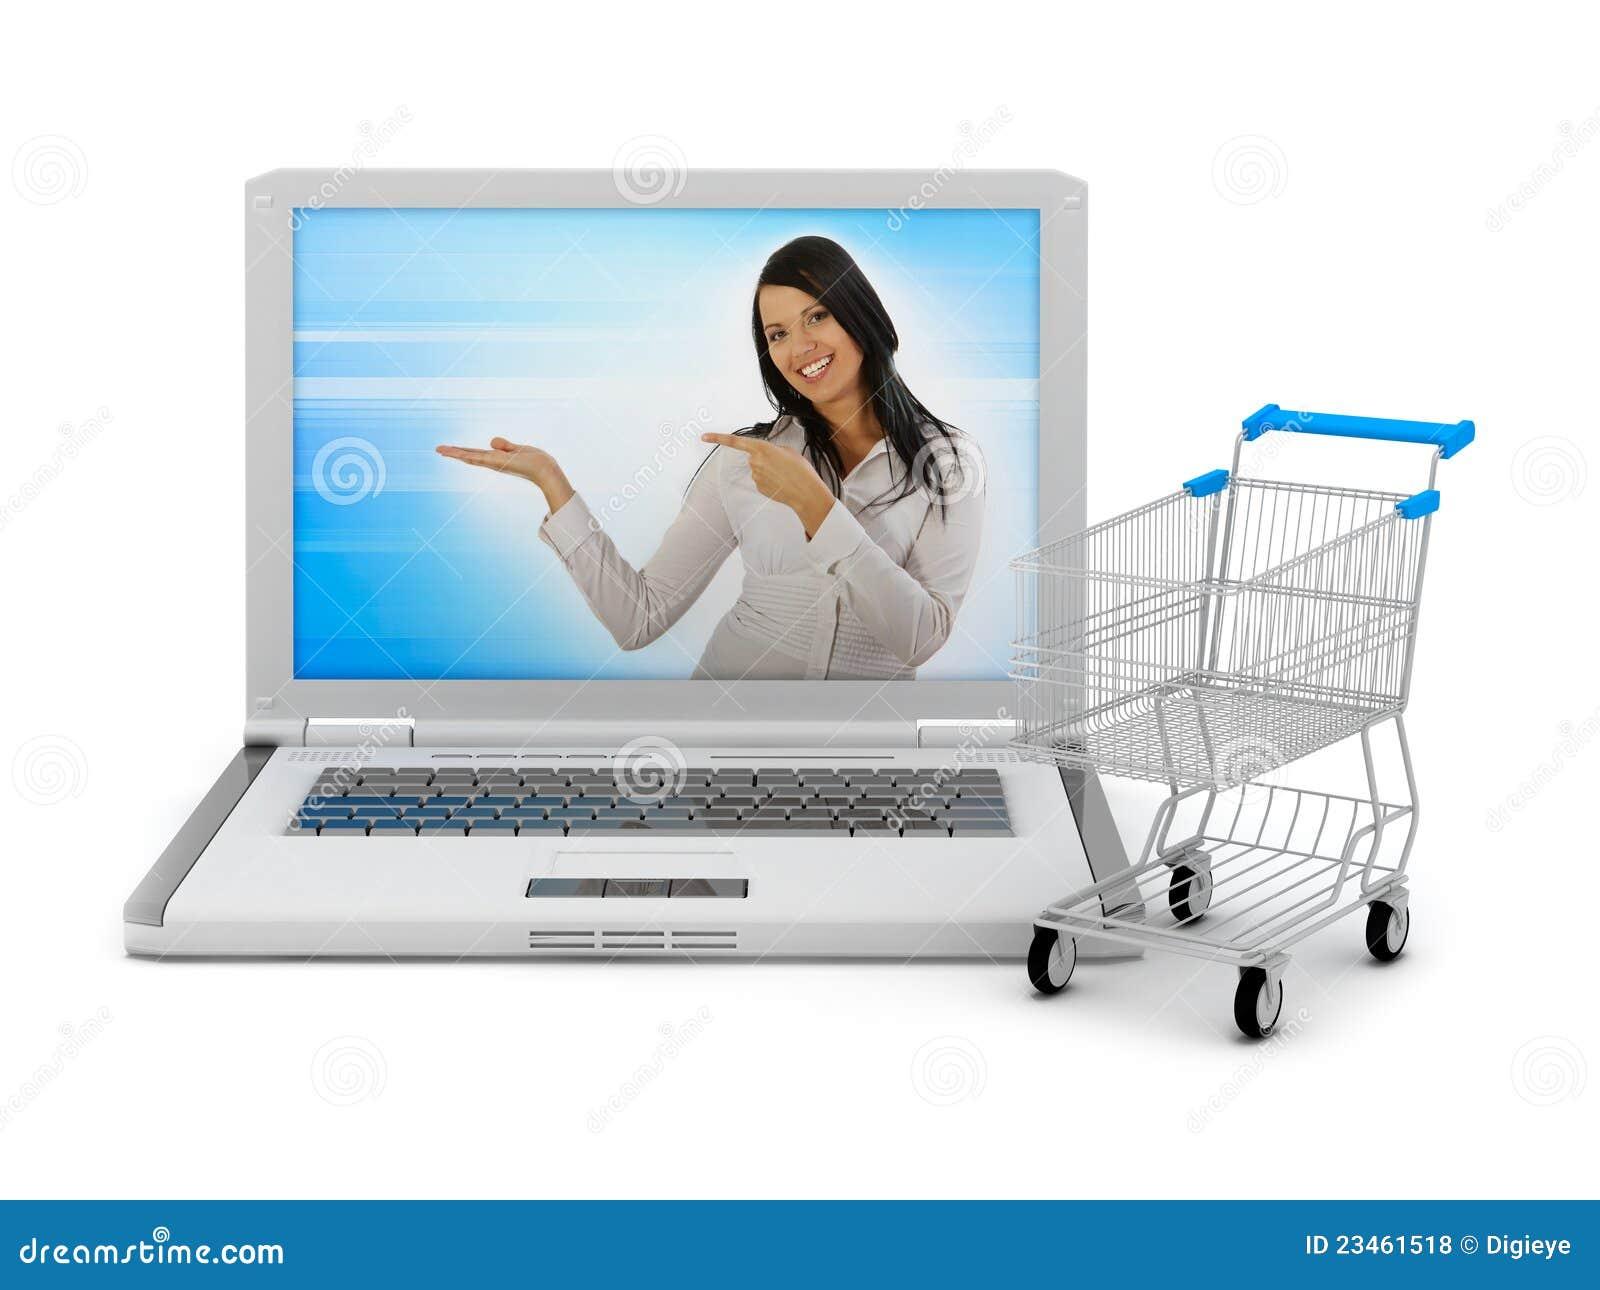 ce6cea792072b2 Acquisto Del Internet - Computer Portatile E Carrello Di Acquisto ...